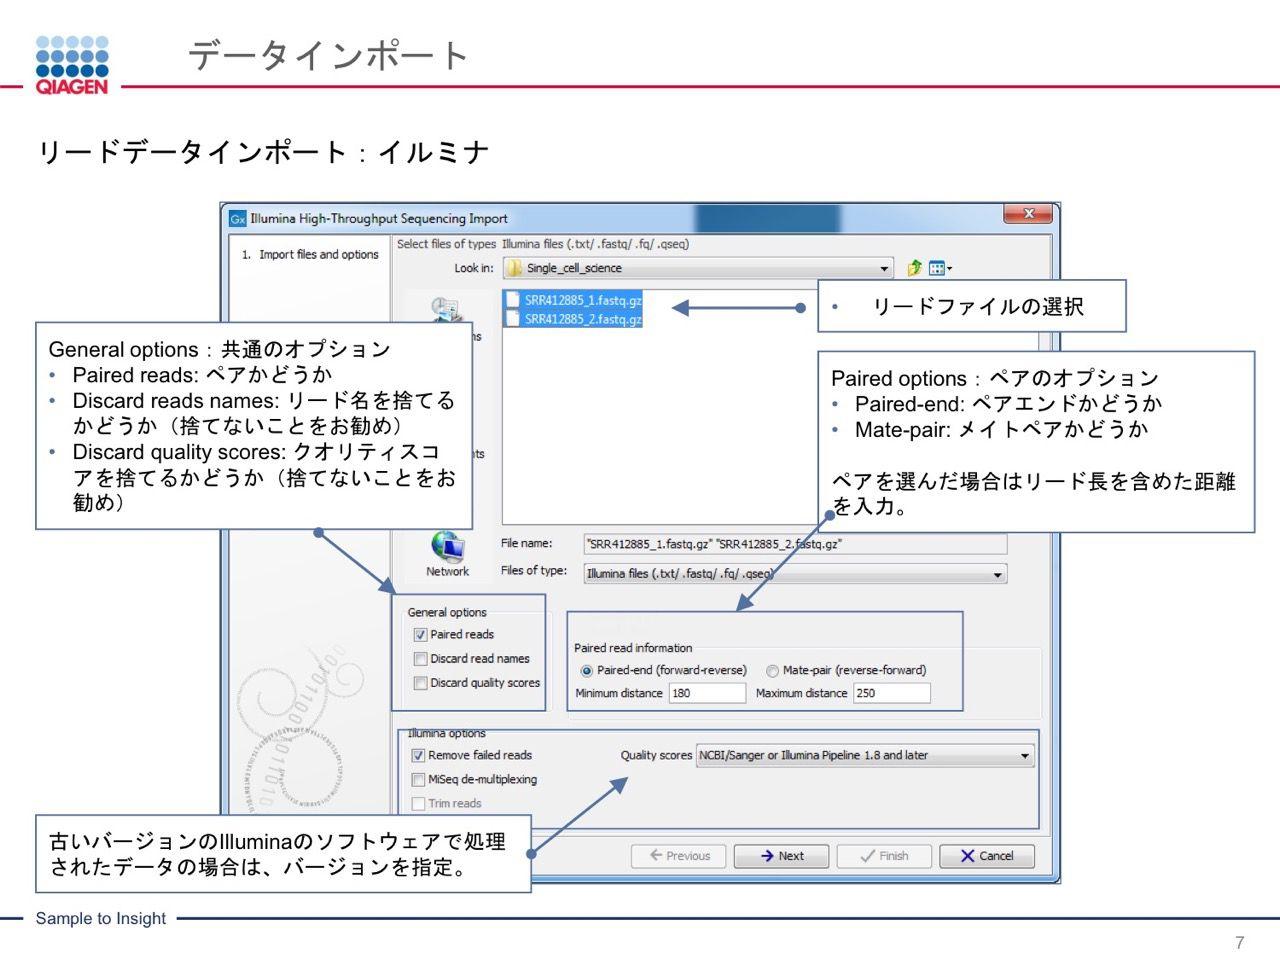 images/AJACSa2_miyamoto_007.jpg